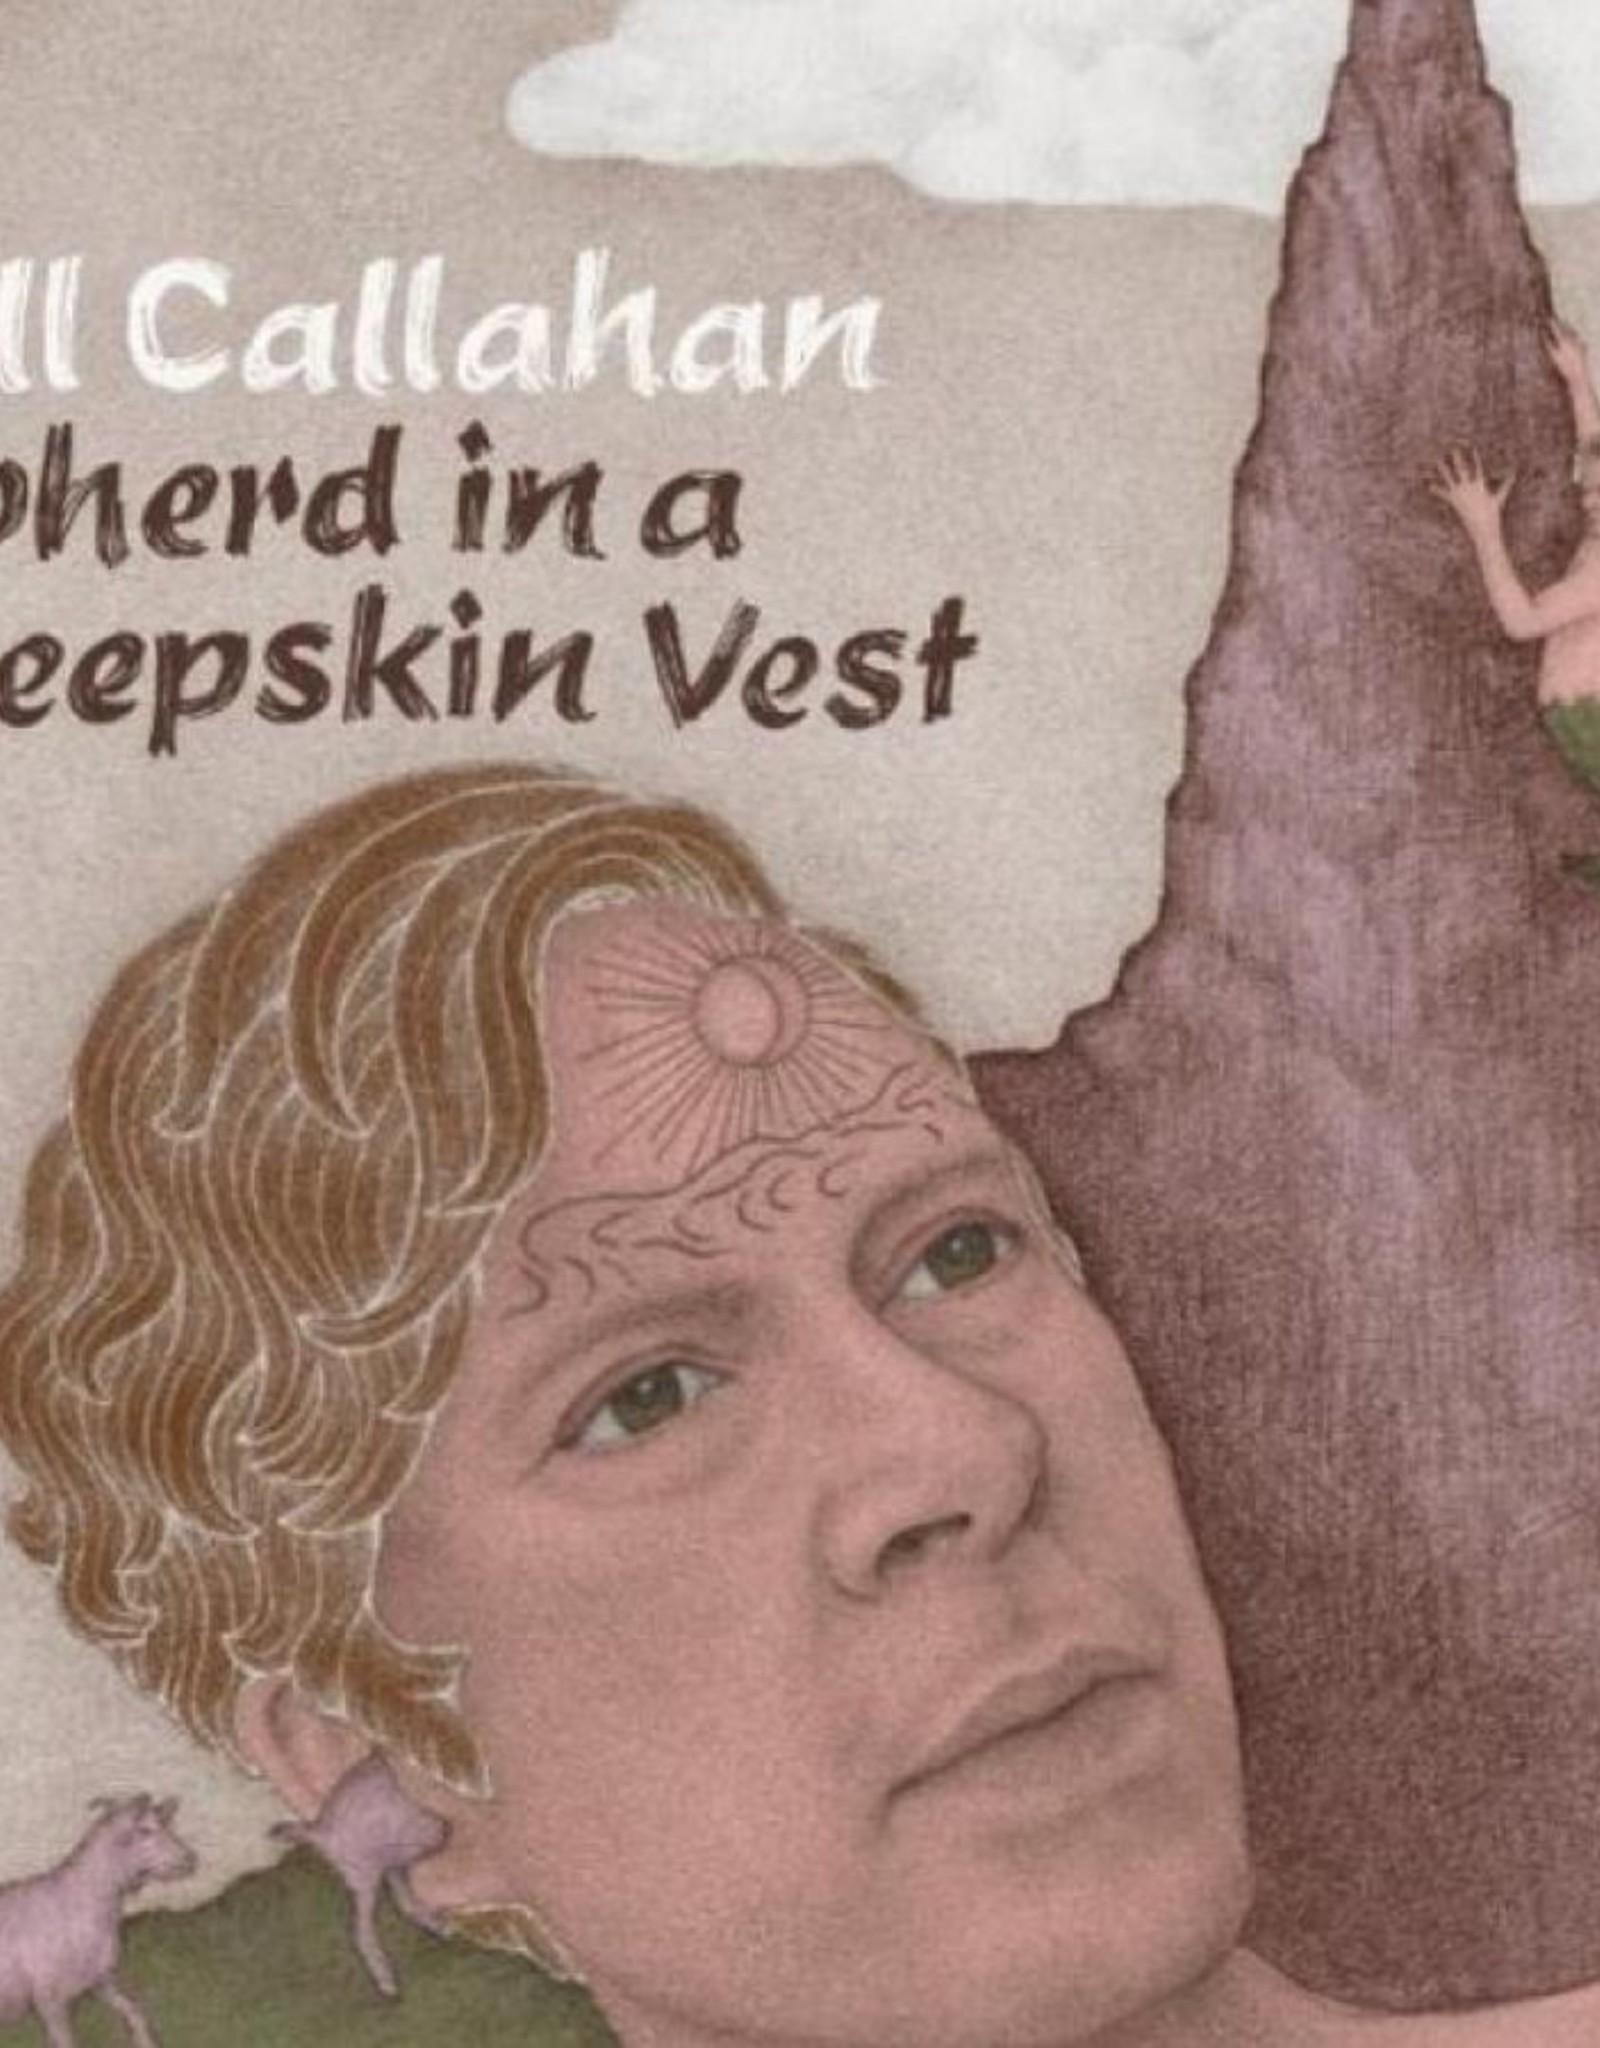 Bill Callahan - Shepherd In A Sheepskin Vest (